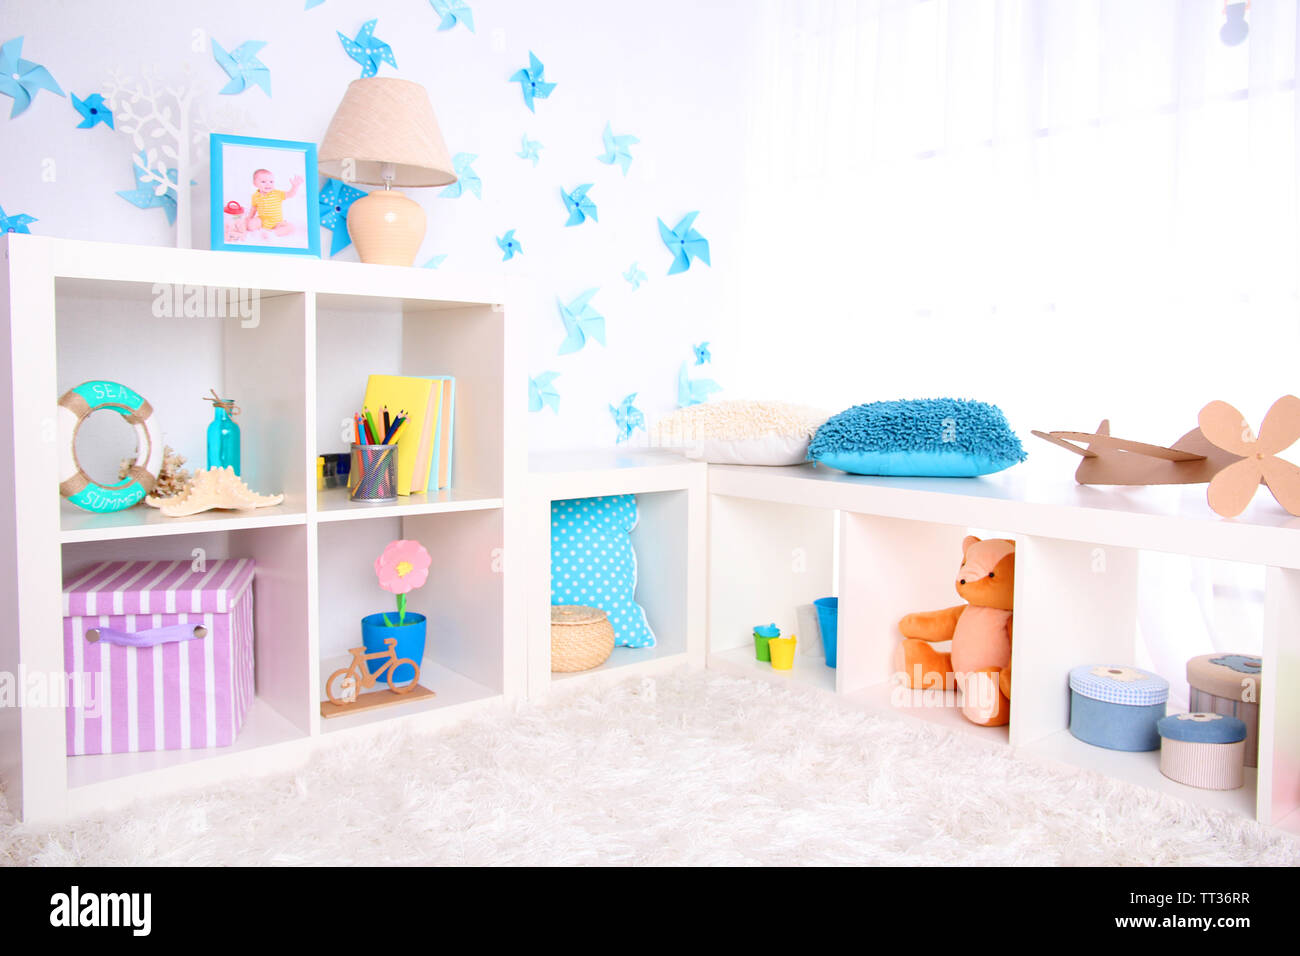 Modern playroom for children - Stock Image